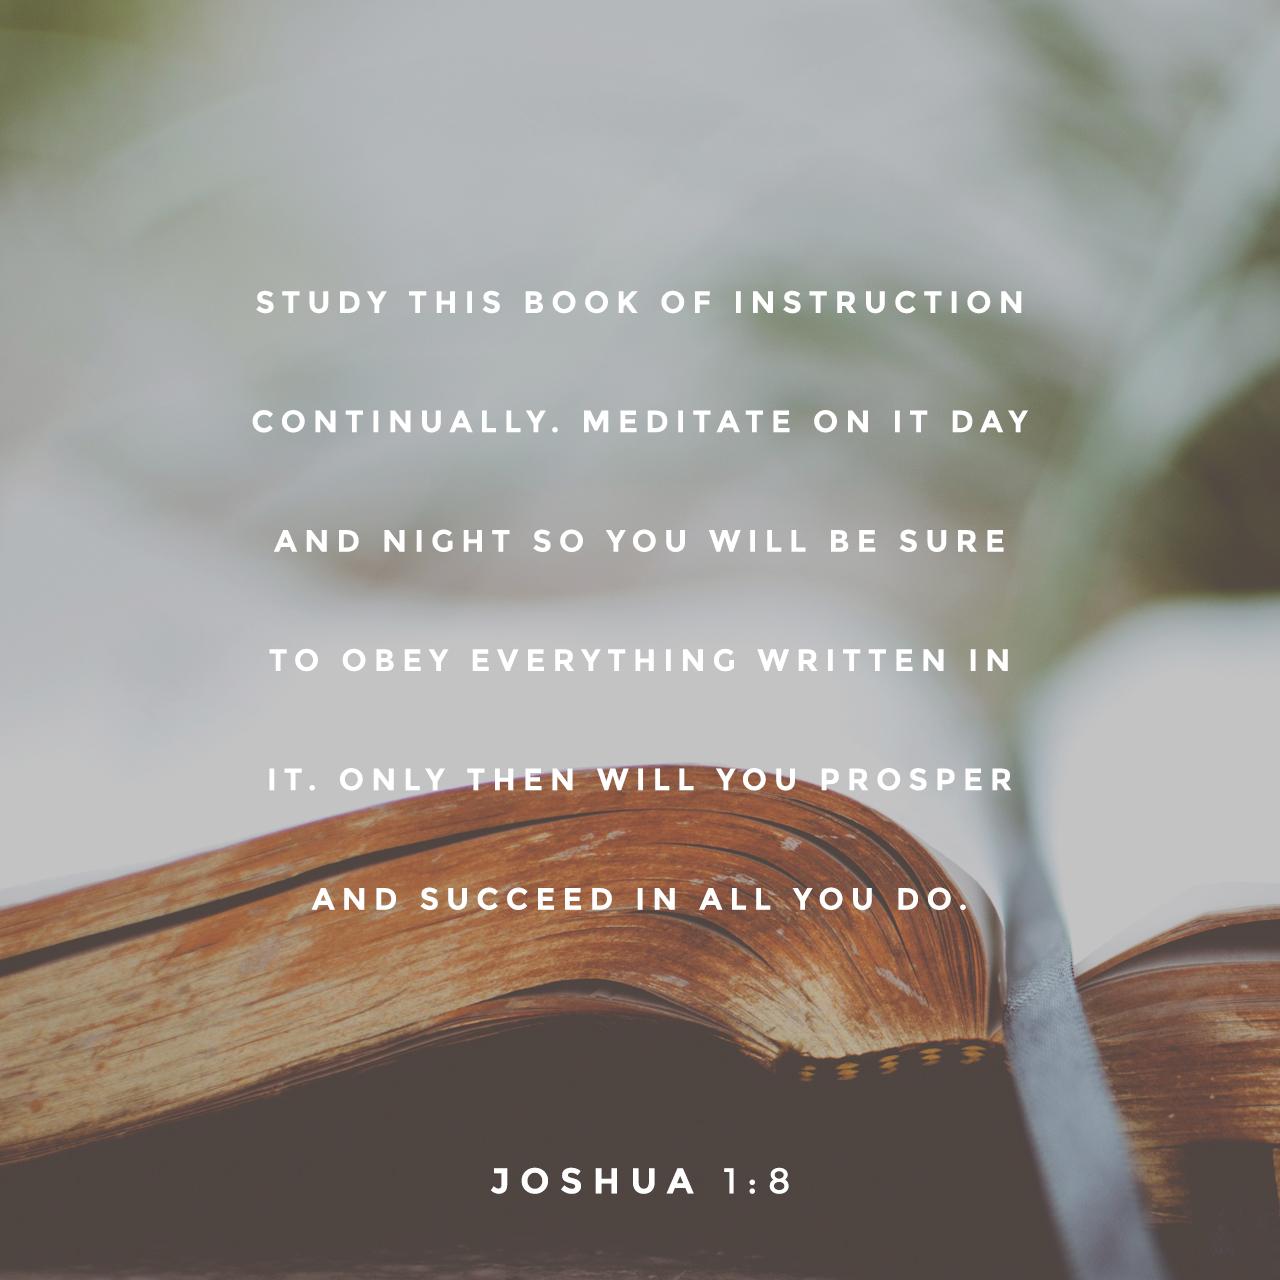 ScriptureArt_0117_-_Joshua_1_8_157x157.jpg